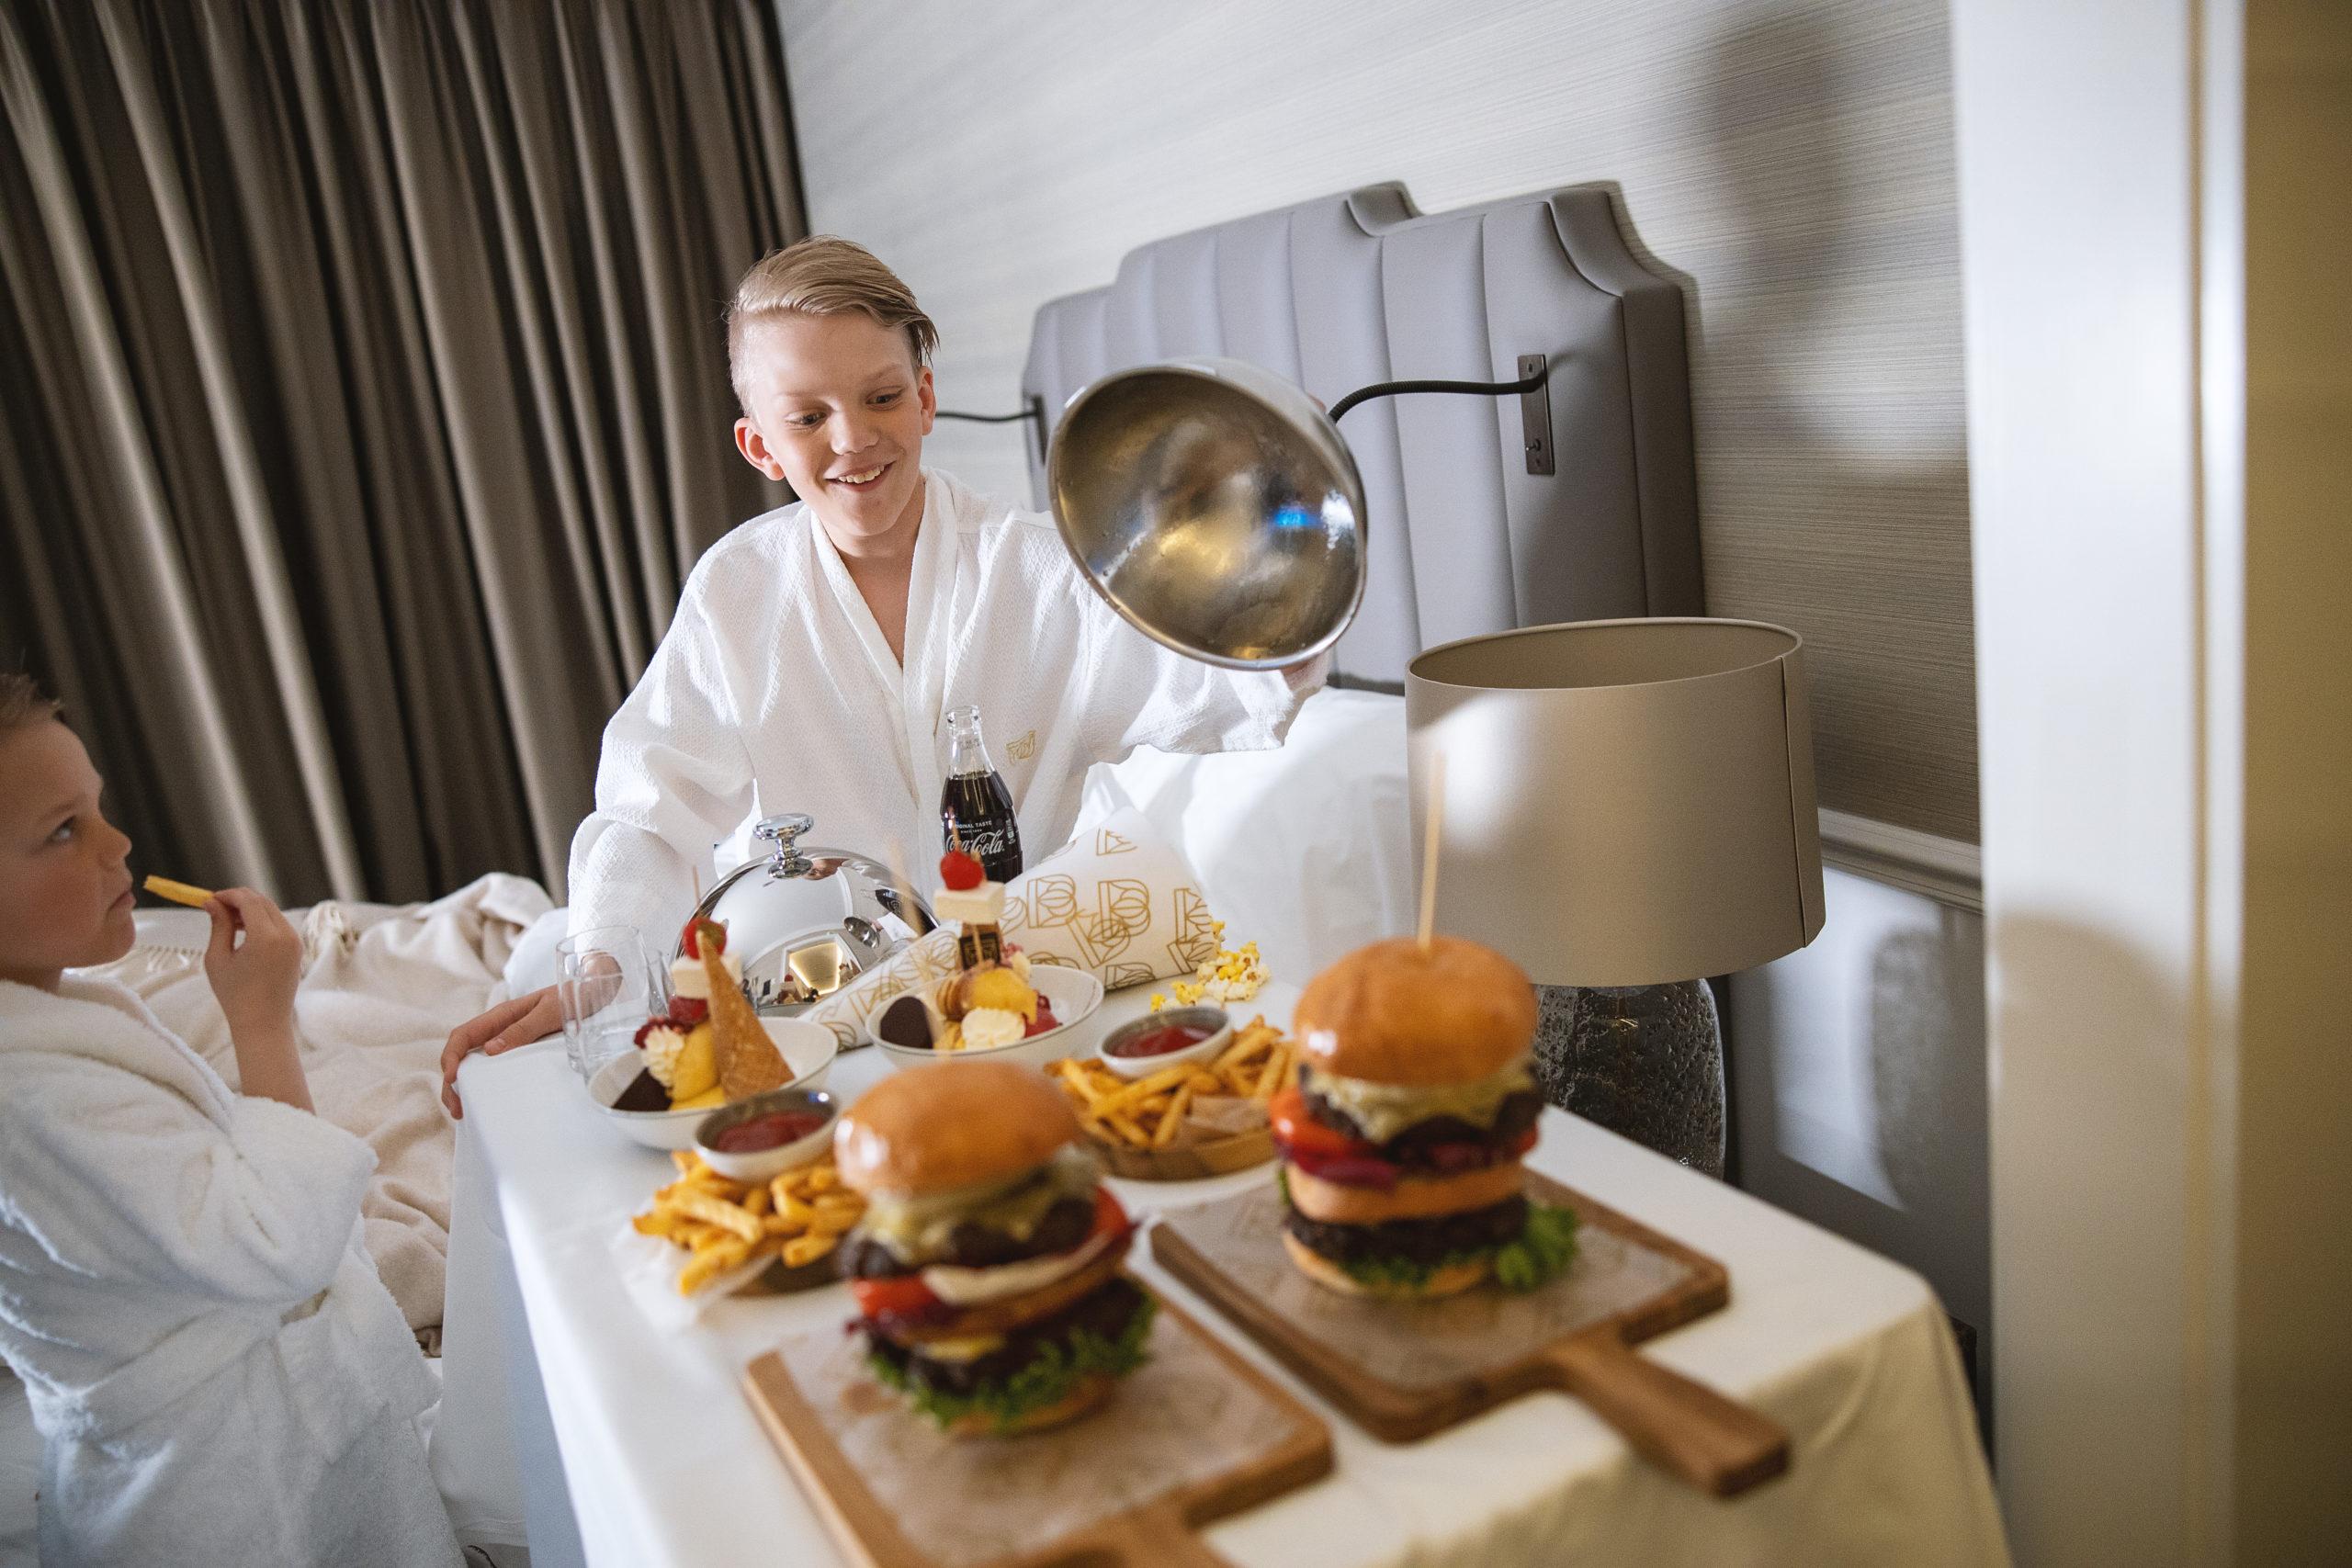 Britannia Hotel in room dining supersize burgers